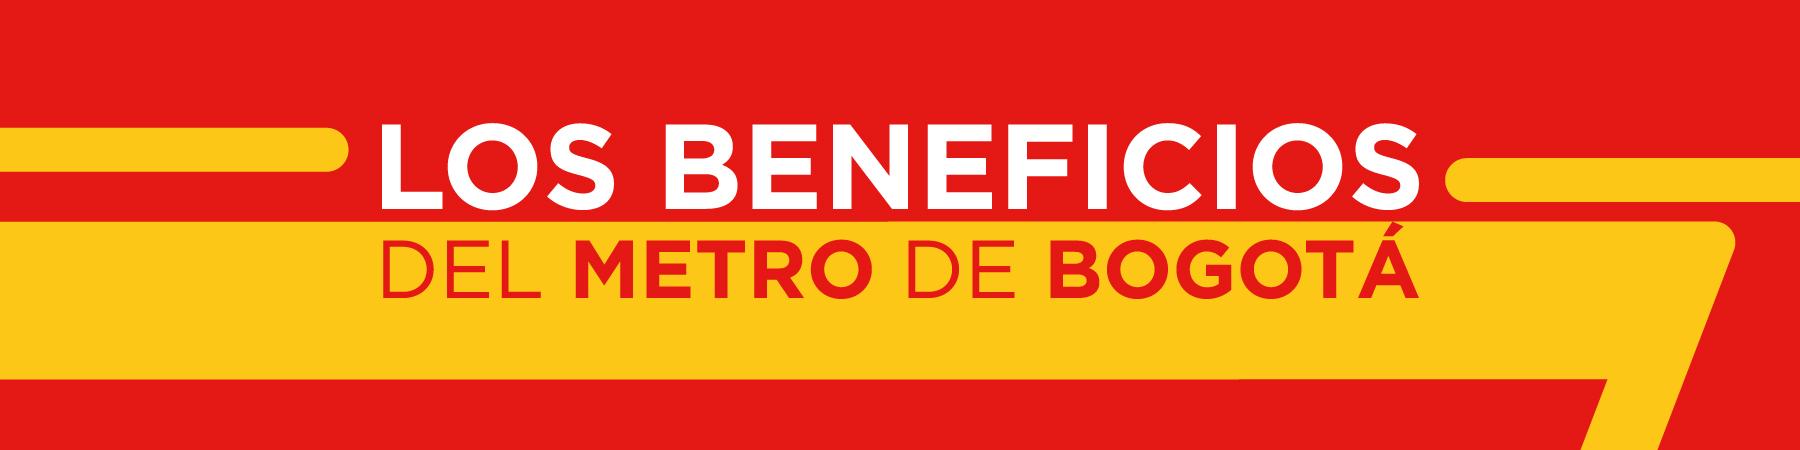 Beneficios de la Primera Línea del Metro de Bogotá